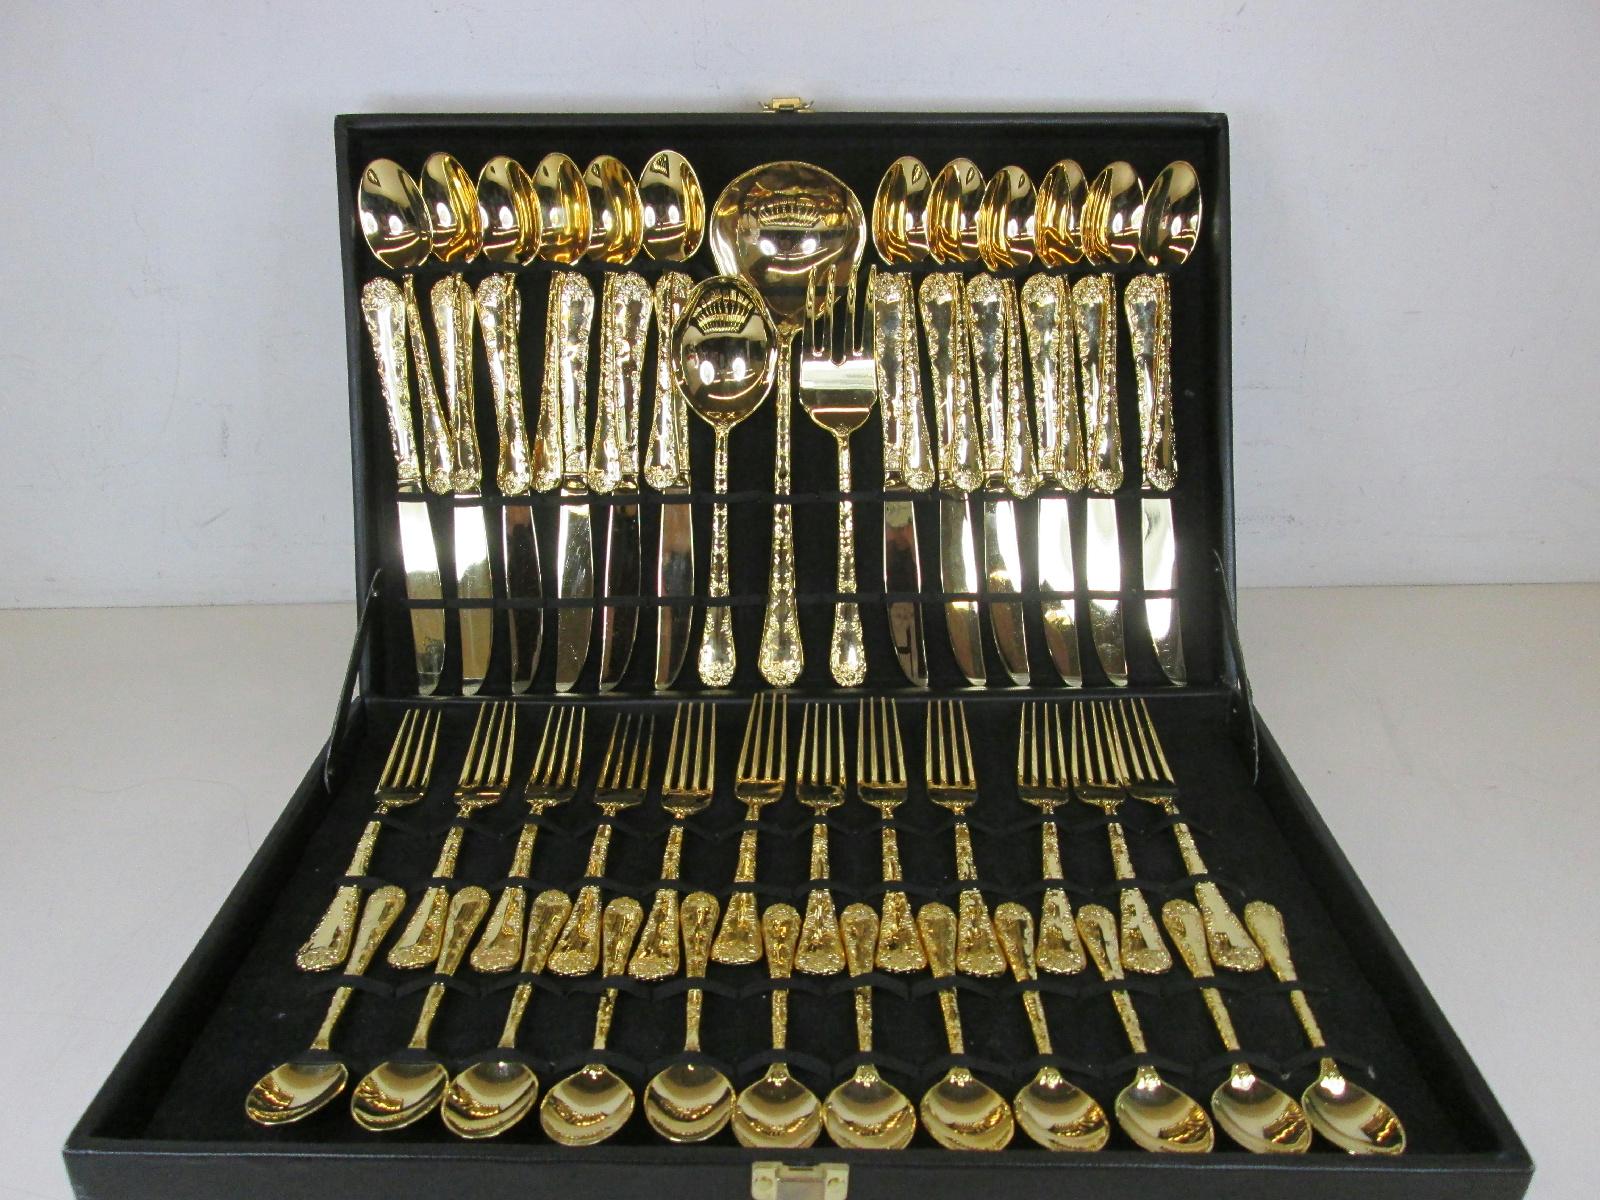 51 Piece Gold Tone Goldtone Flatware Silverware Complete